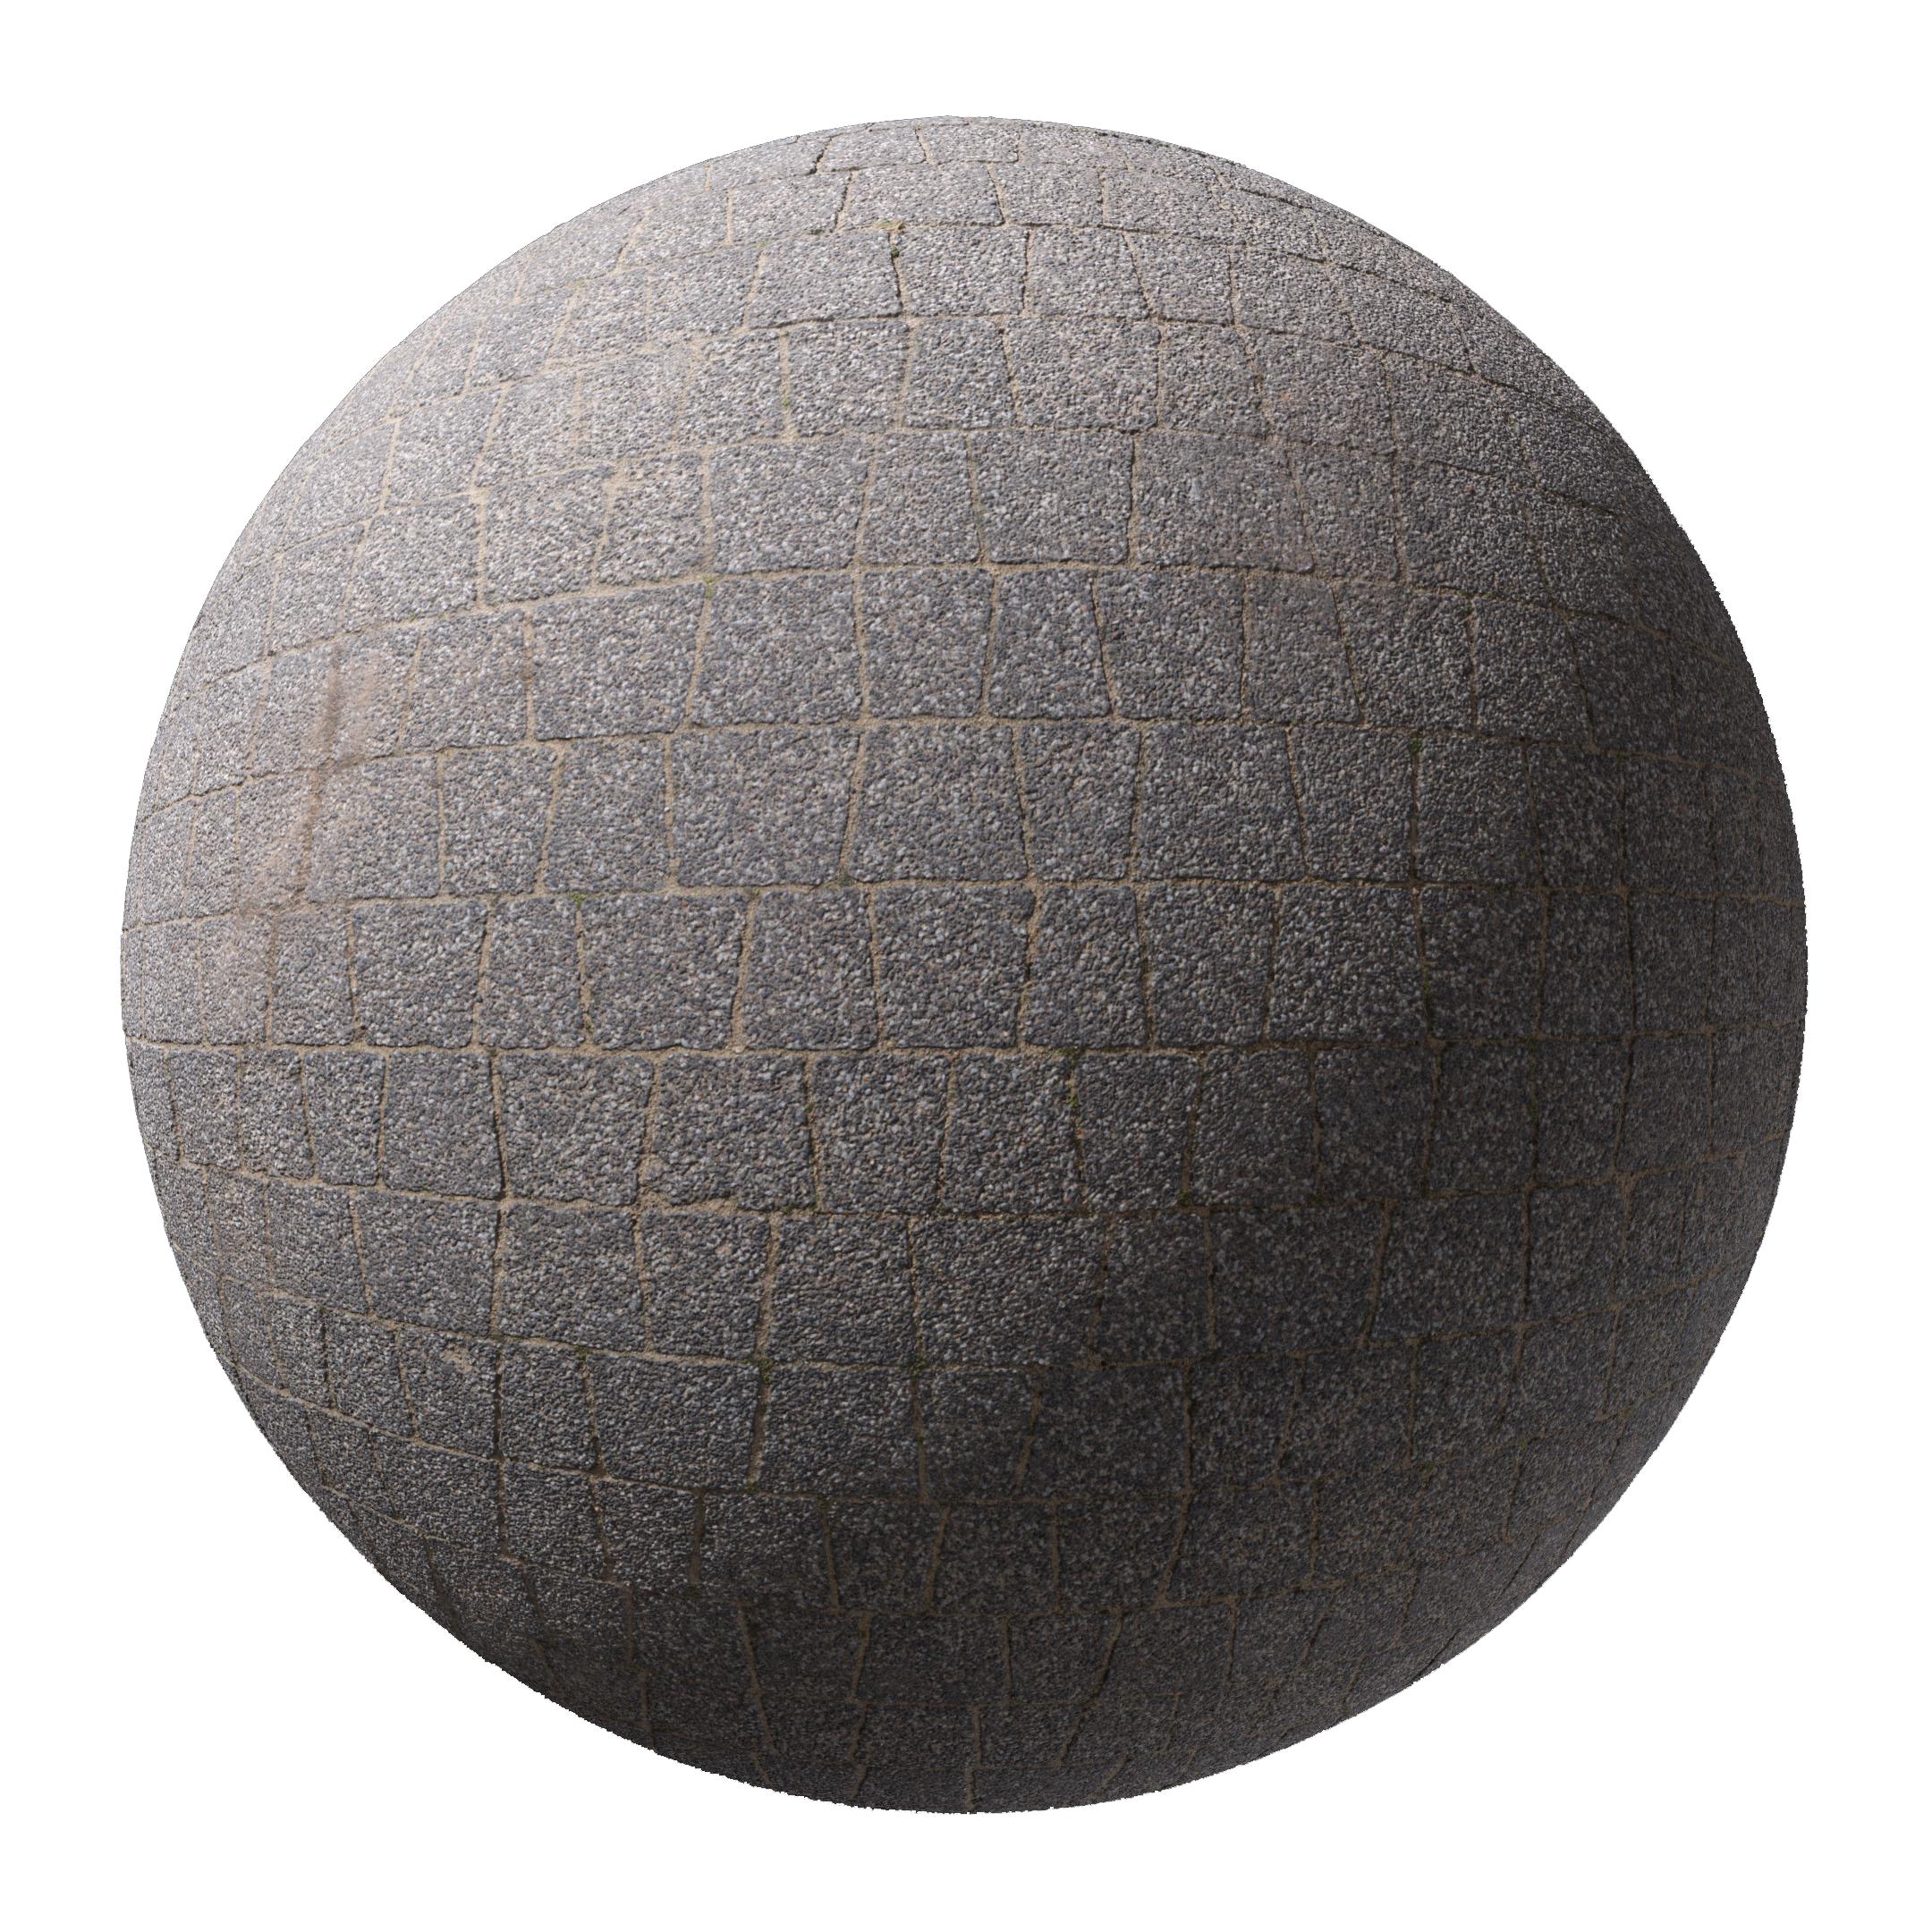 TexturesCom_Bitumen_Cobblestone_3_header4 copy.png